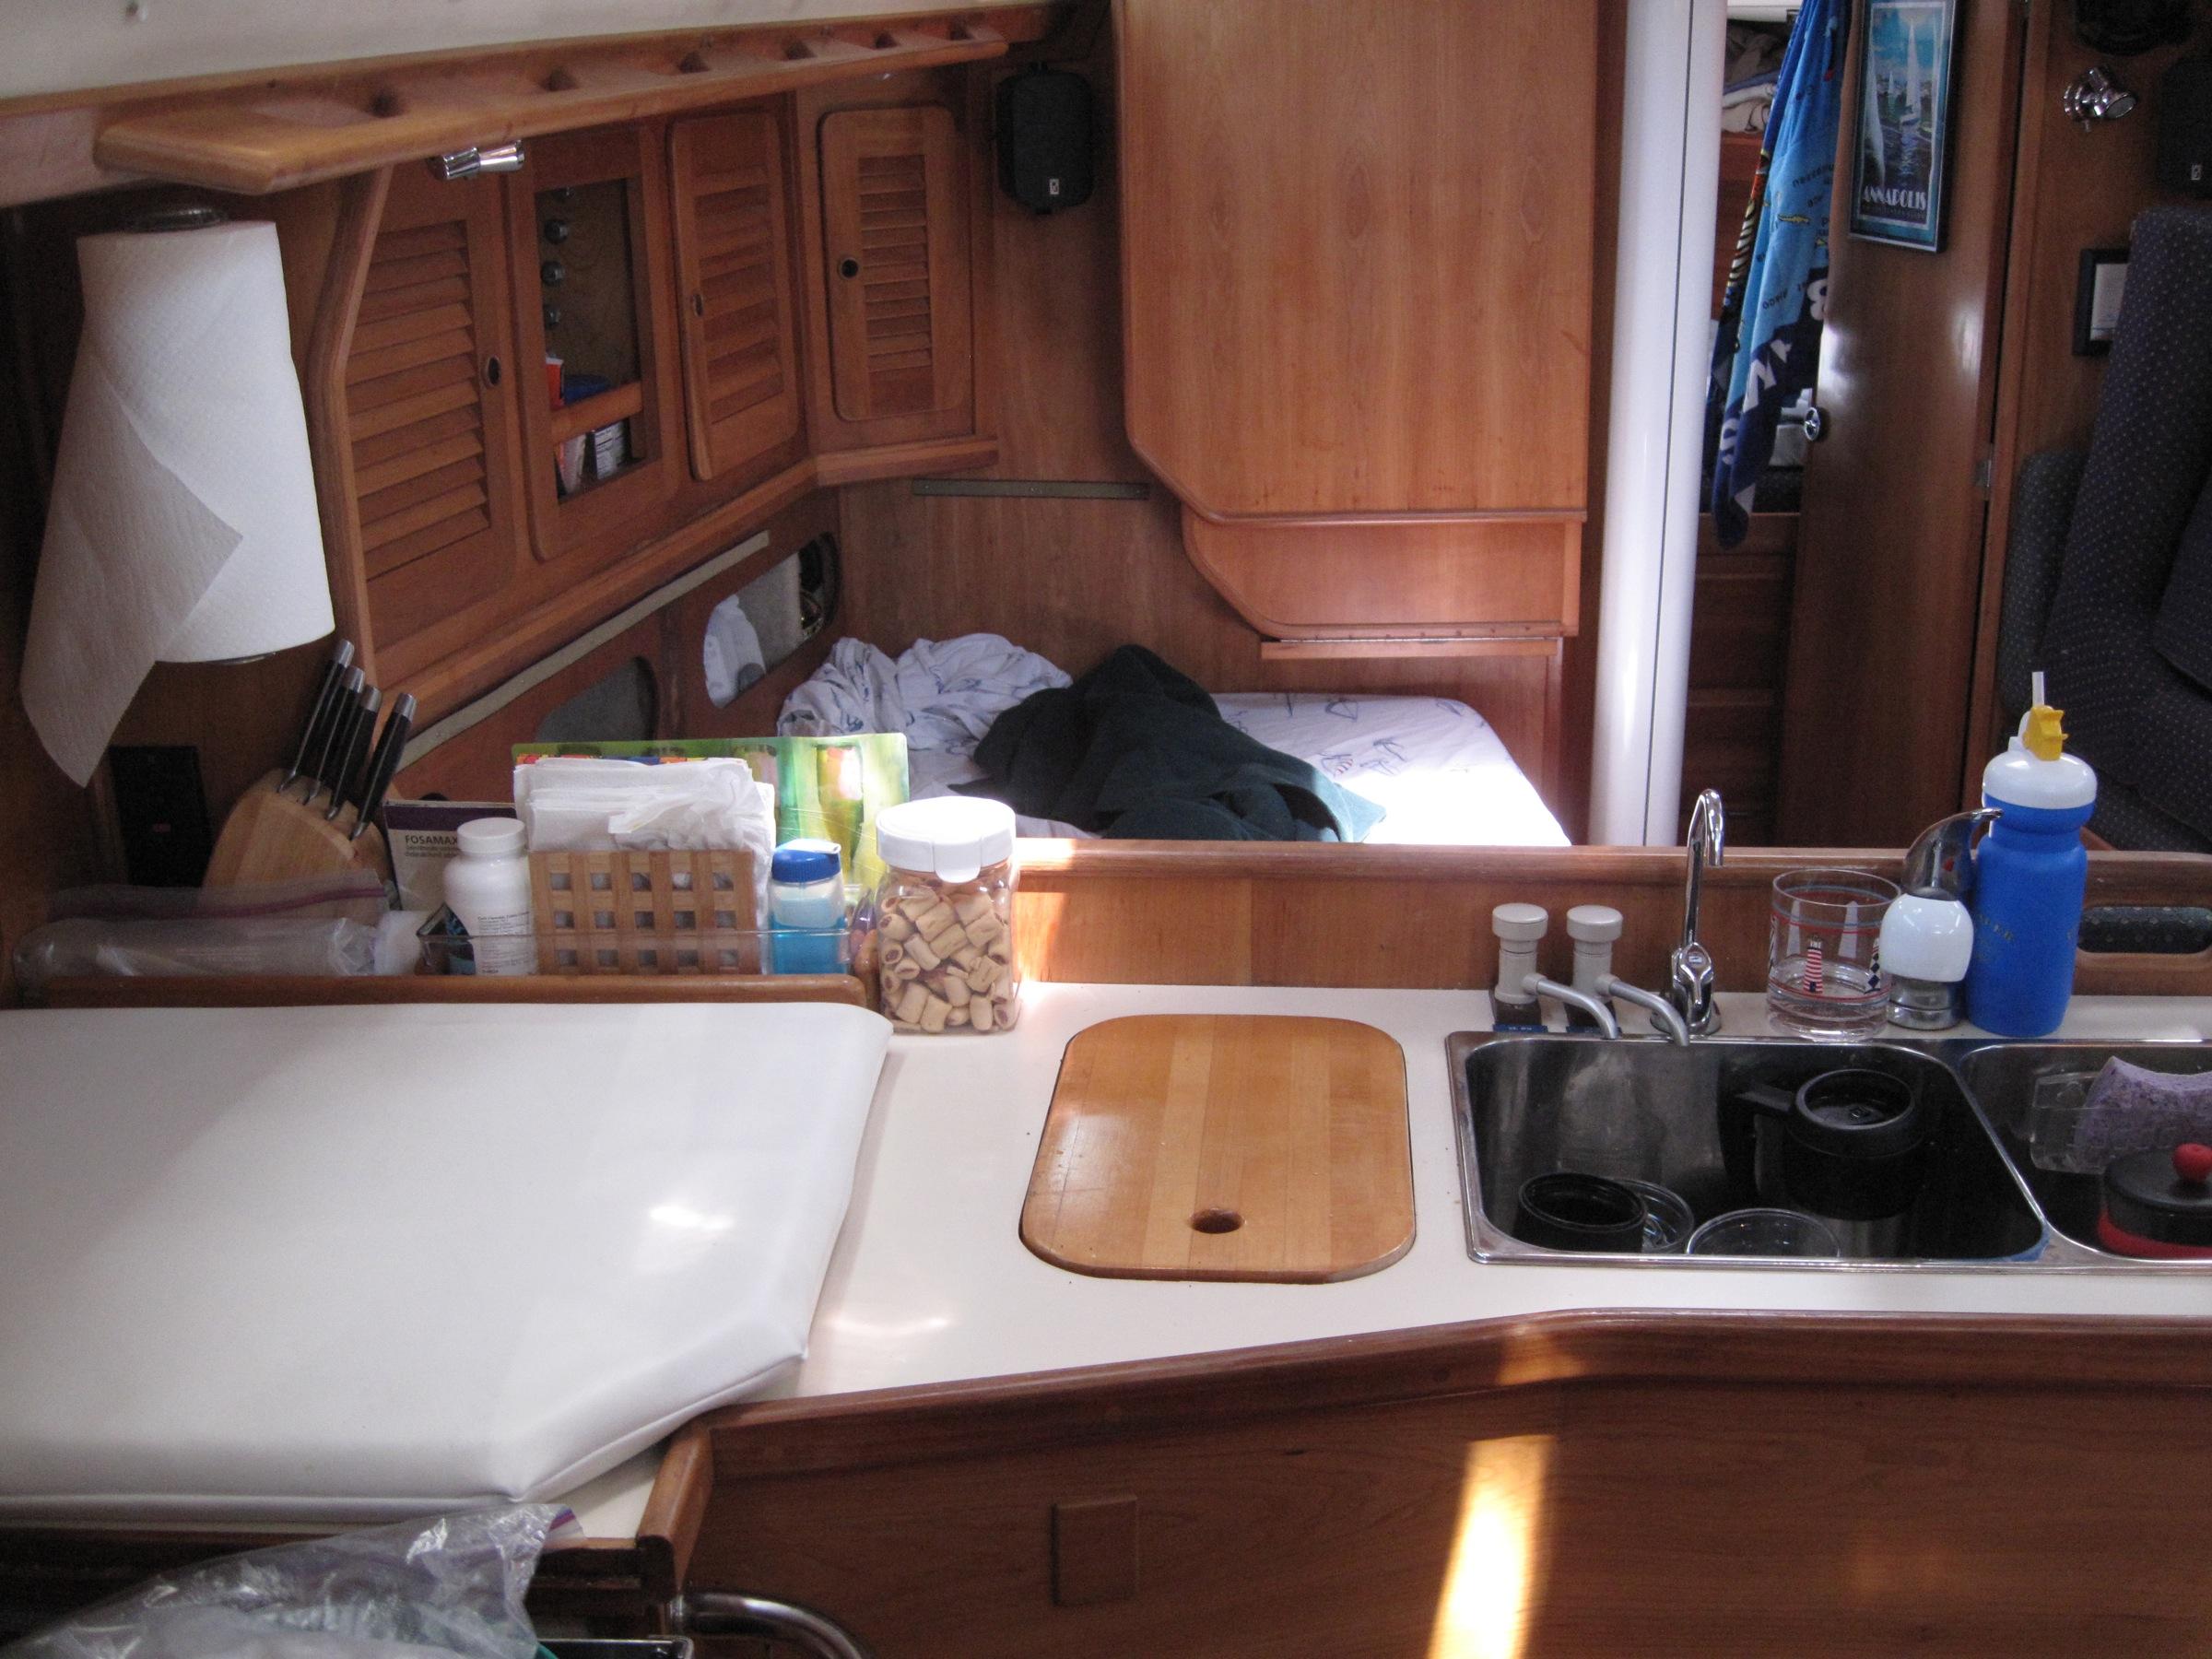 Innenarchitektur Yacht kostenlose foto boot zuhause fahrzeug yacht küche zimmer